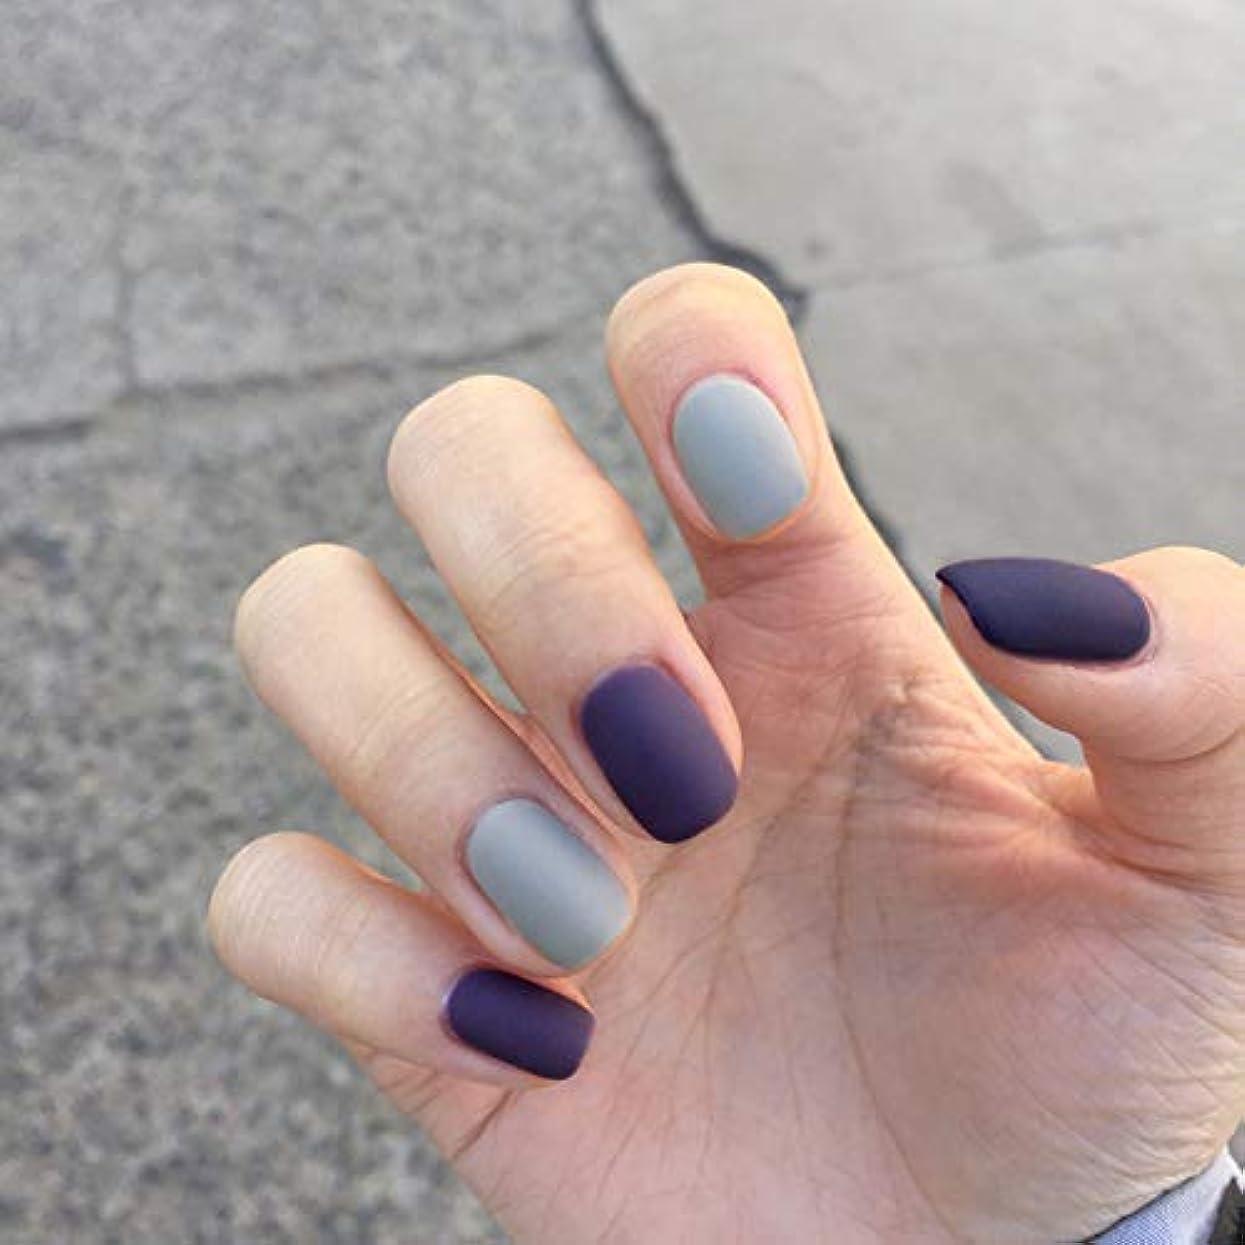 しかしながら芝生解説ins 人気の 24pcs 研磨 パープル 优雅 で気质の高い淑女 ネイルチップ つけ爪 (A)